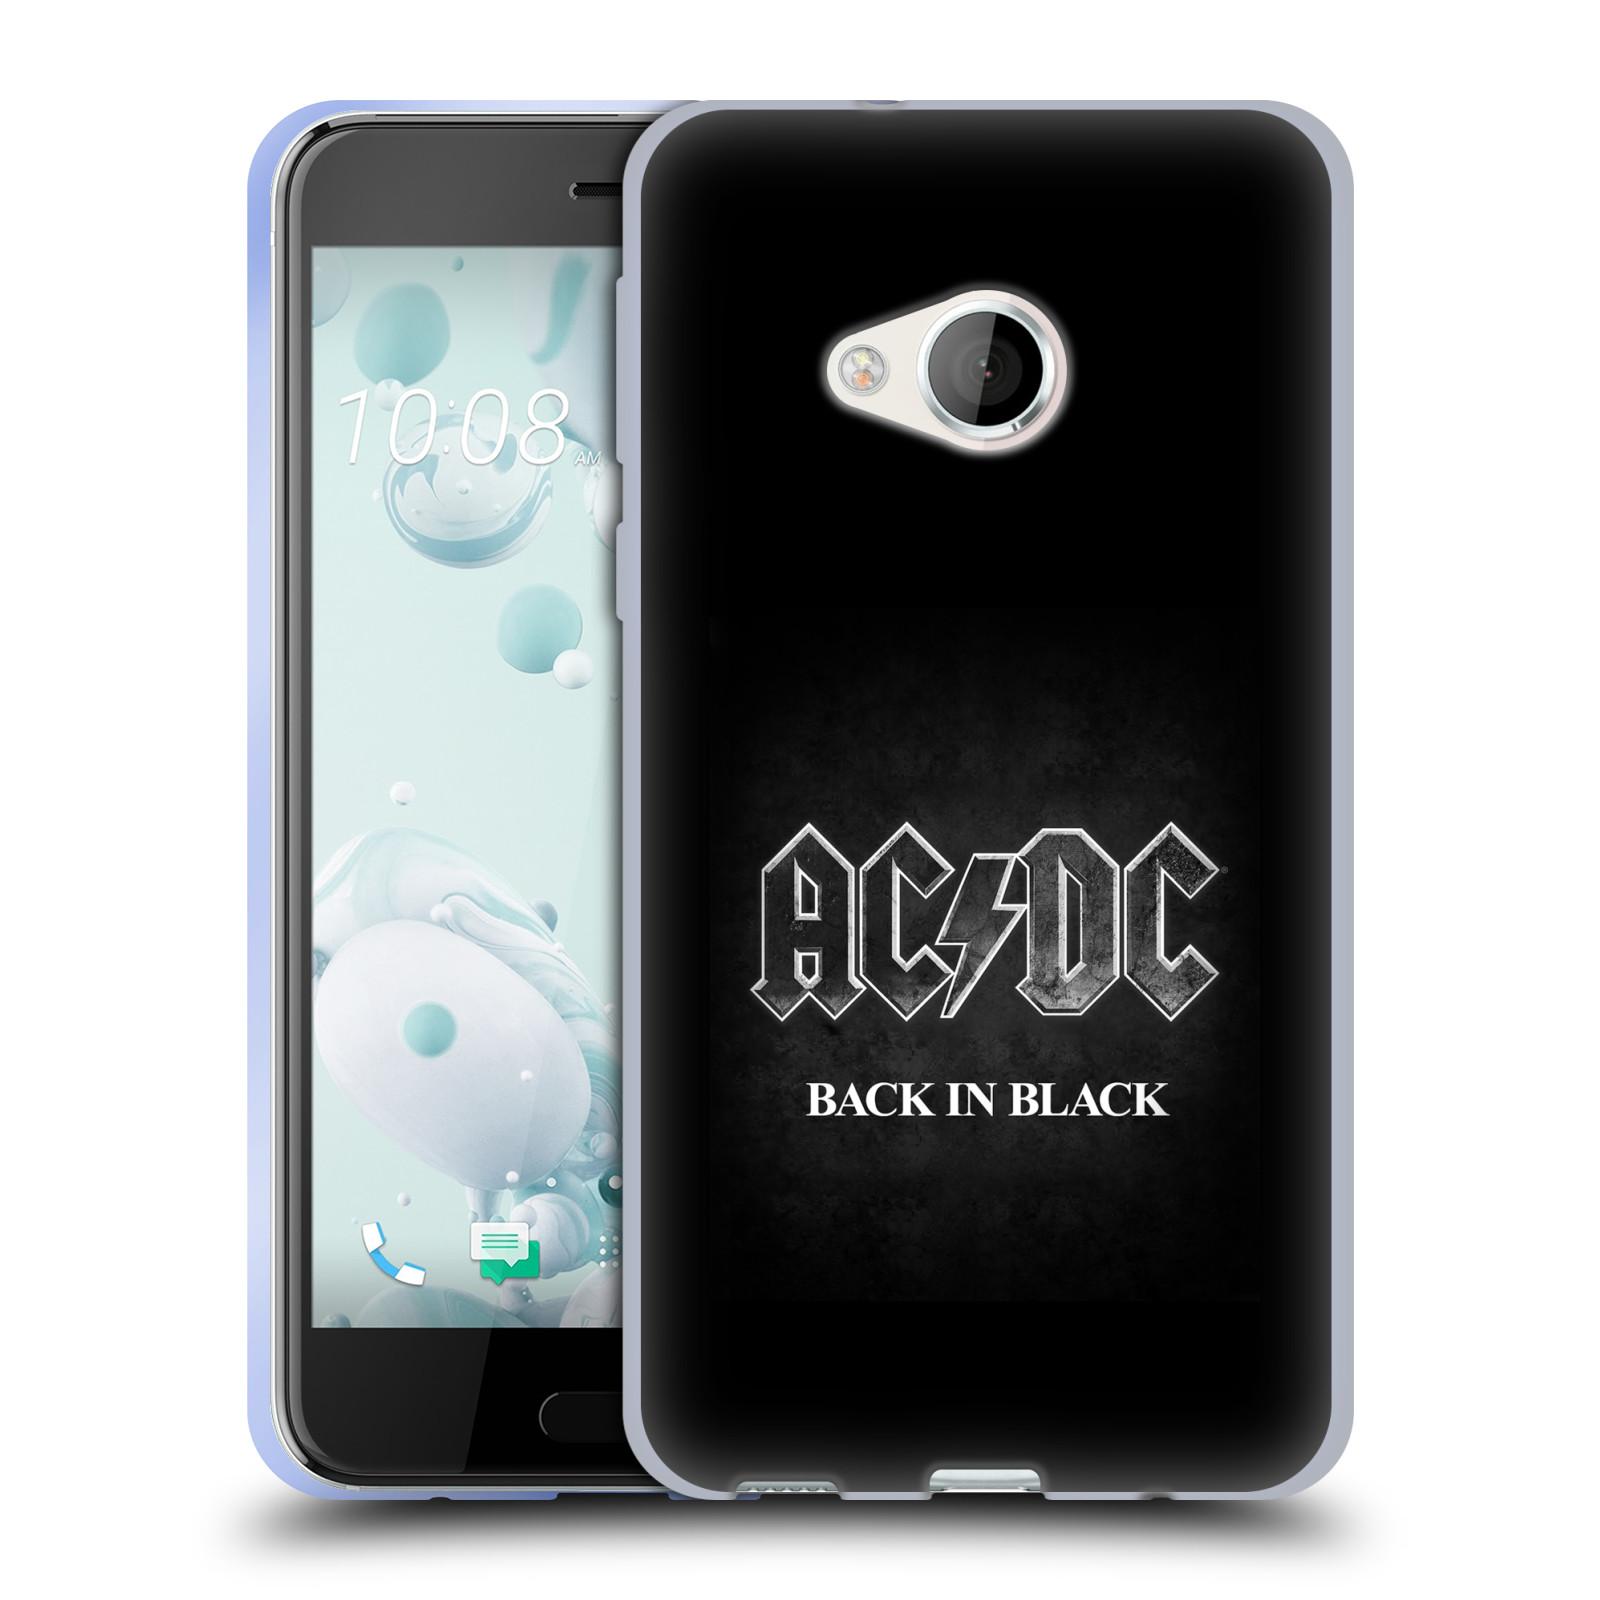 Silikonové pouzdro na mobil HTC U Play - Head Case AC/DC BACK IN BLACK (Silikonový kryt či obal na mobilní telefon s oficiálním motivem australské skupiny AC/DC pro HTC U Play)